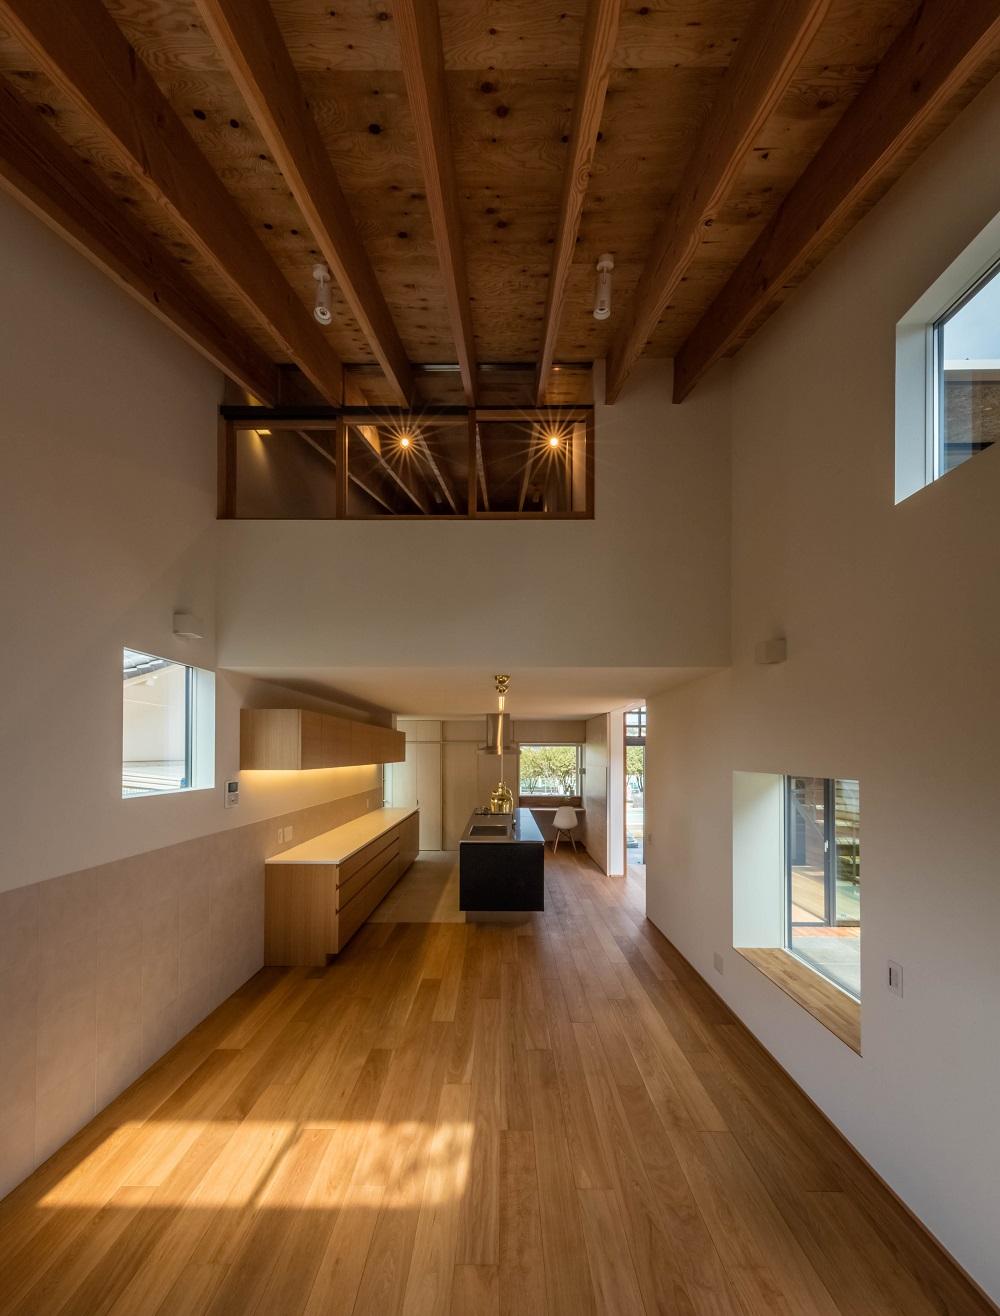 architettura giappone interni cucina e camera bambini